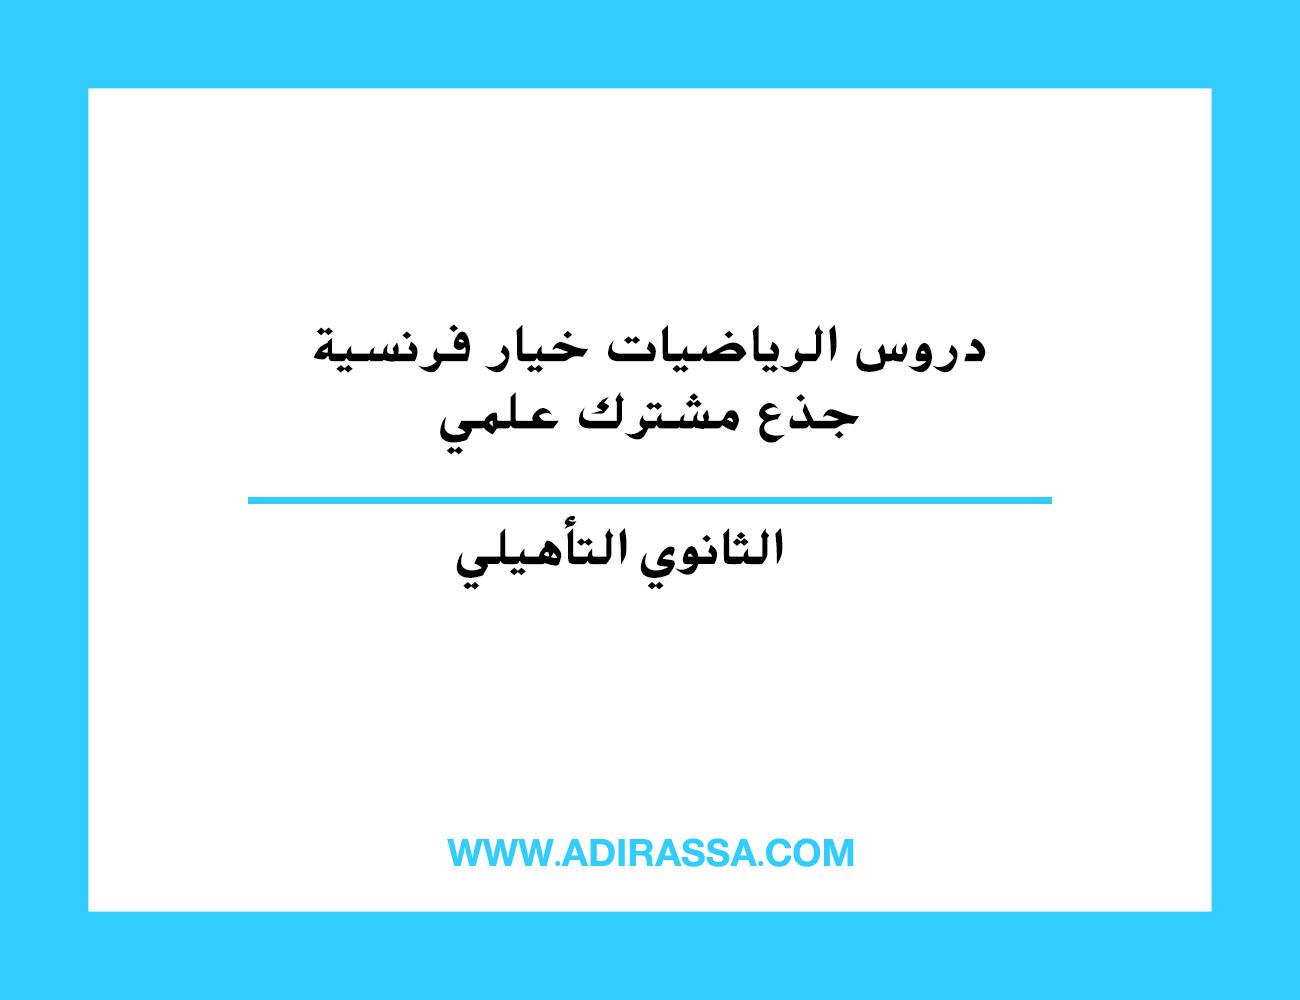 دروس الرياضيات الجذع مشترك علمي خيار فرنسية المقررة بالمدرسة المغربية